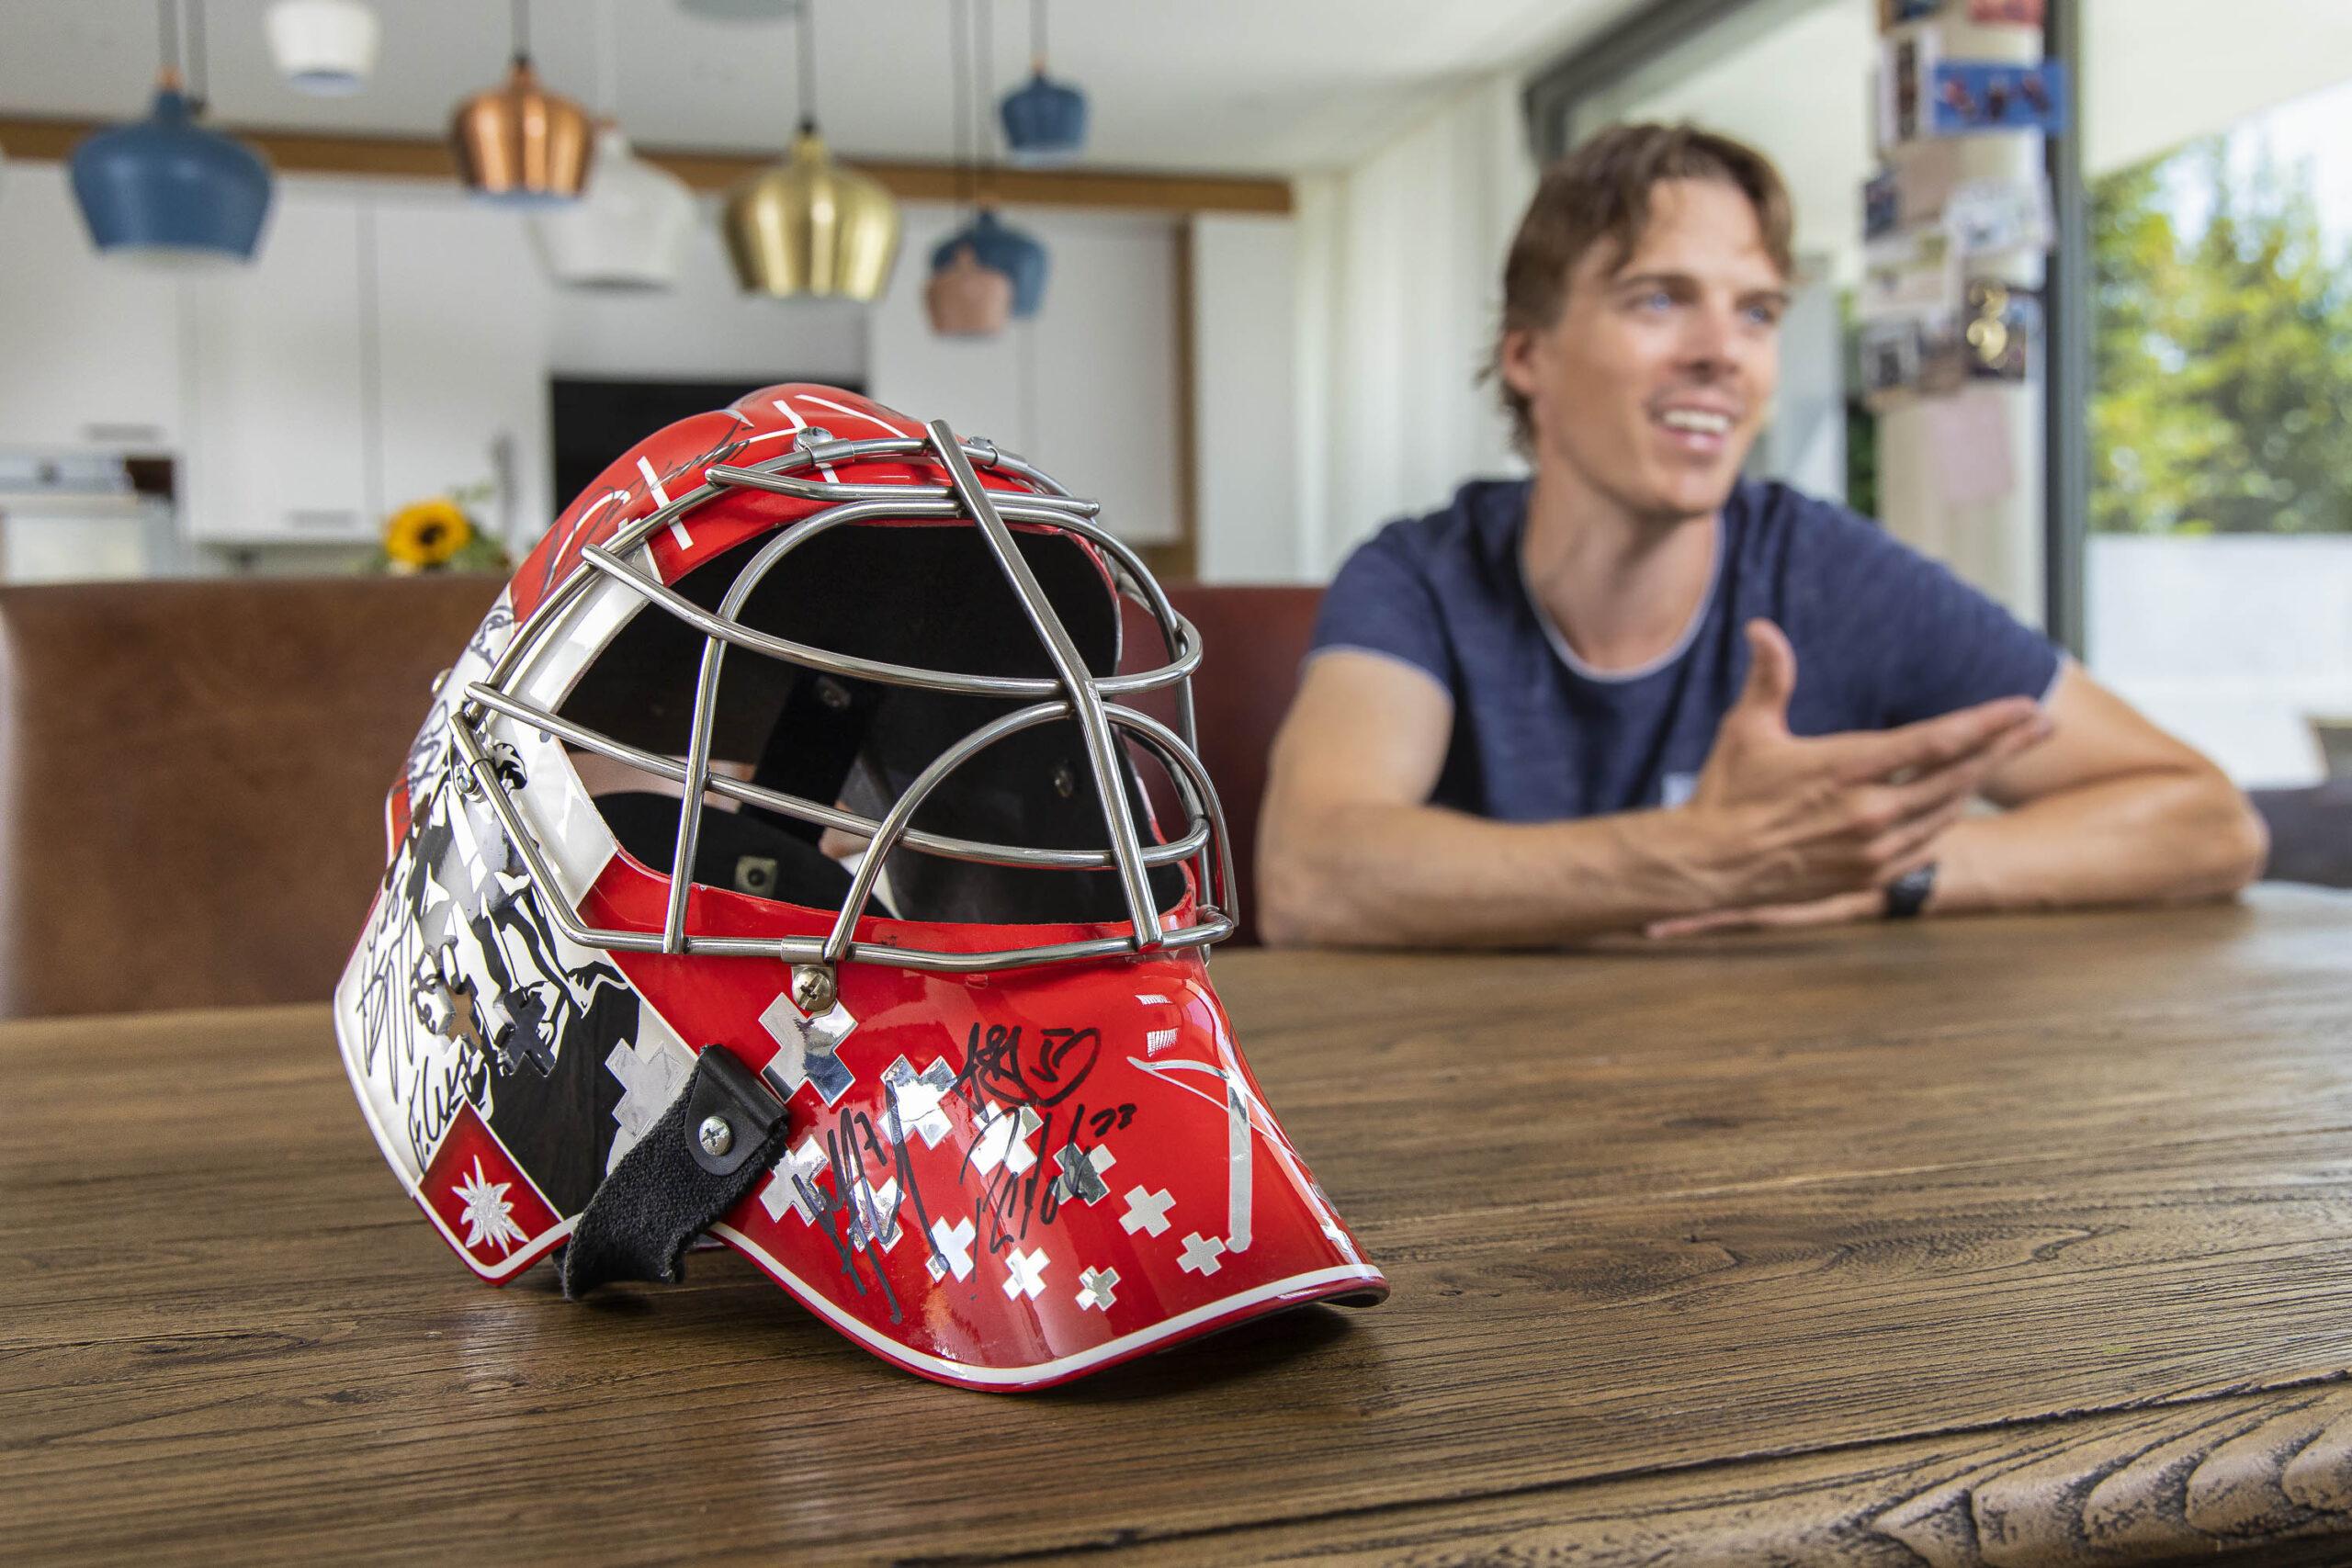 Nach einer grossen Eishockey-Karriere ist Jonas Hiller in der Region Bern heimisch geworden.